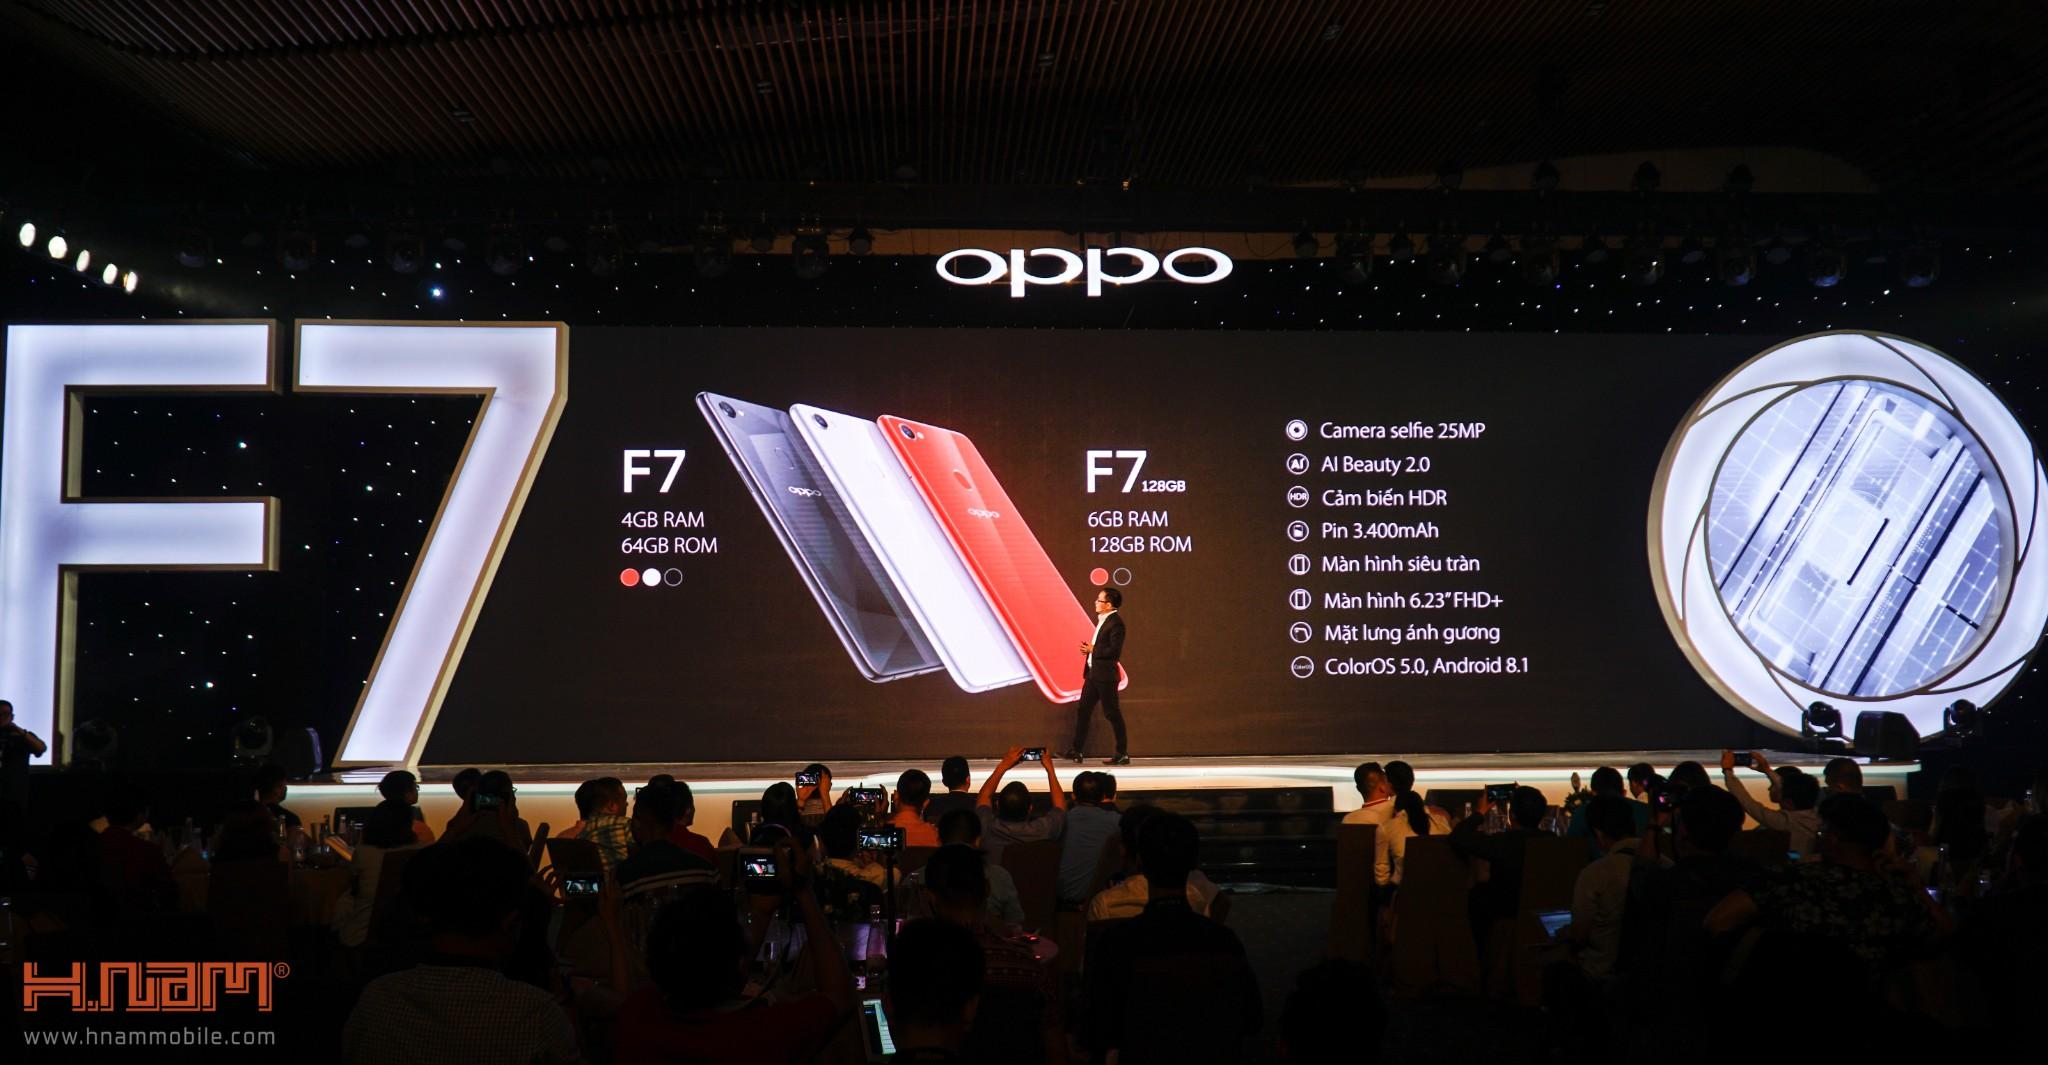 Oppo chính thức ra mắt Oppo F7 tai Việt Nam với giá bán cực kỳ hấp dẫn hình 10